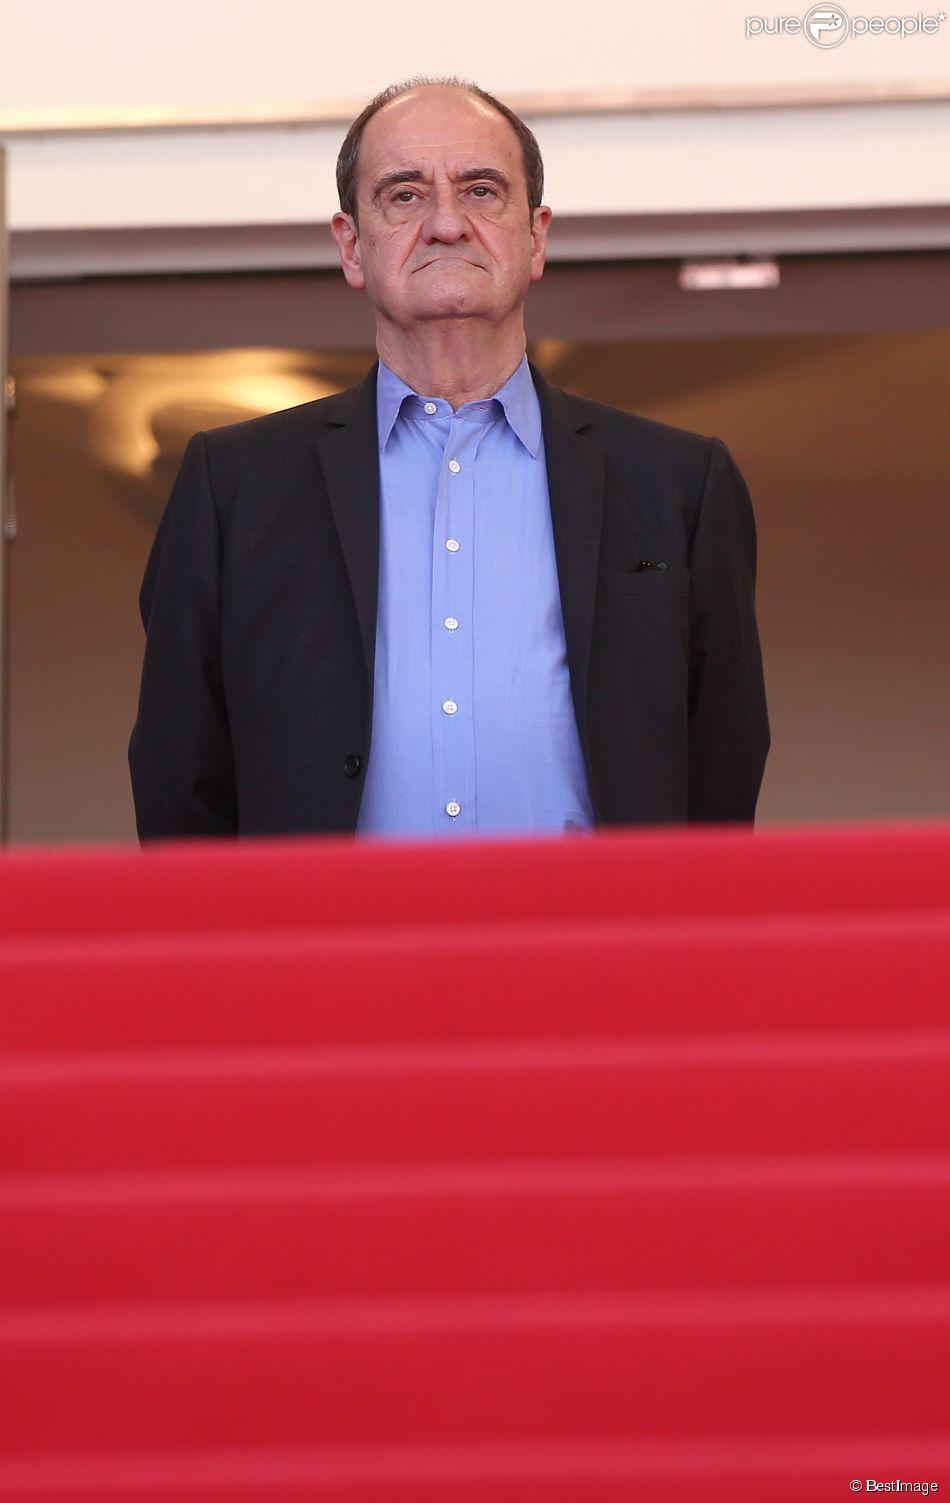 """Pierre Lescure - Montée des marches du film """"Lumière 120 ans du cinématographe Lumière"""" lors du 68e Festival International du Film de Cannes, à Cannes le 17 mai 2015."""